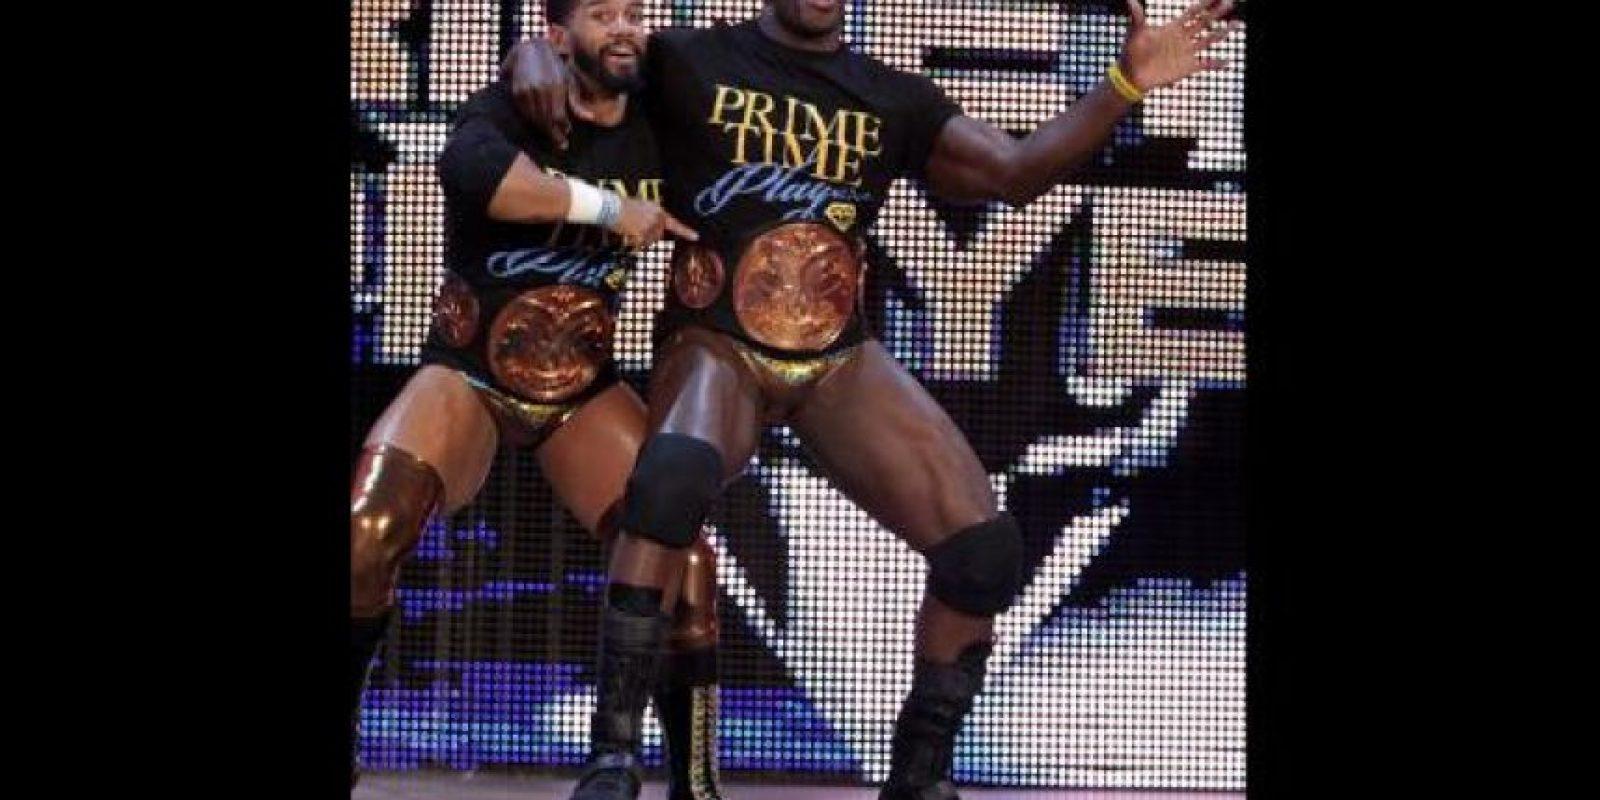 Es miembro de Prime Time Players, actuales campeones en pareja de la WWE Foto:WWE